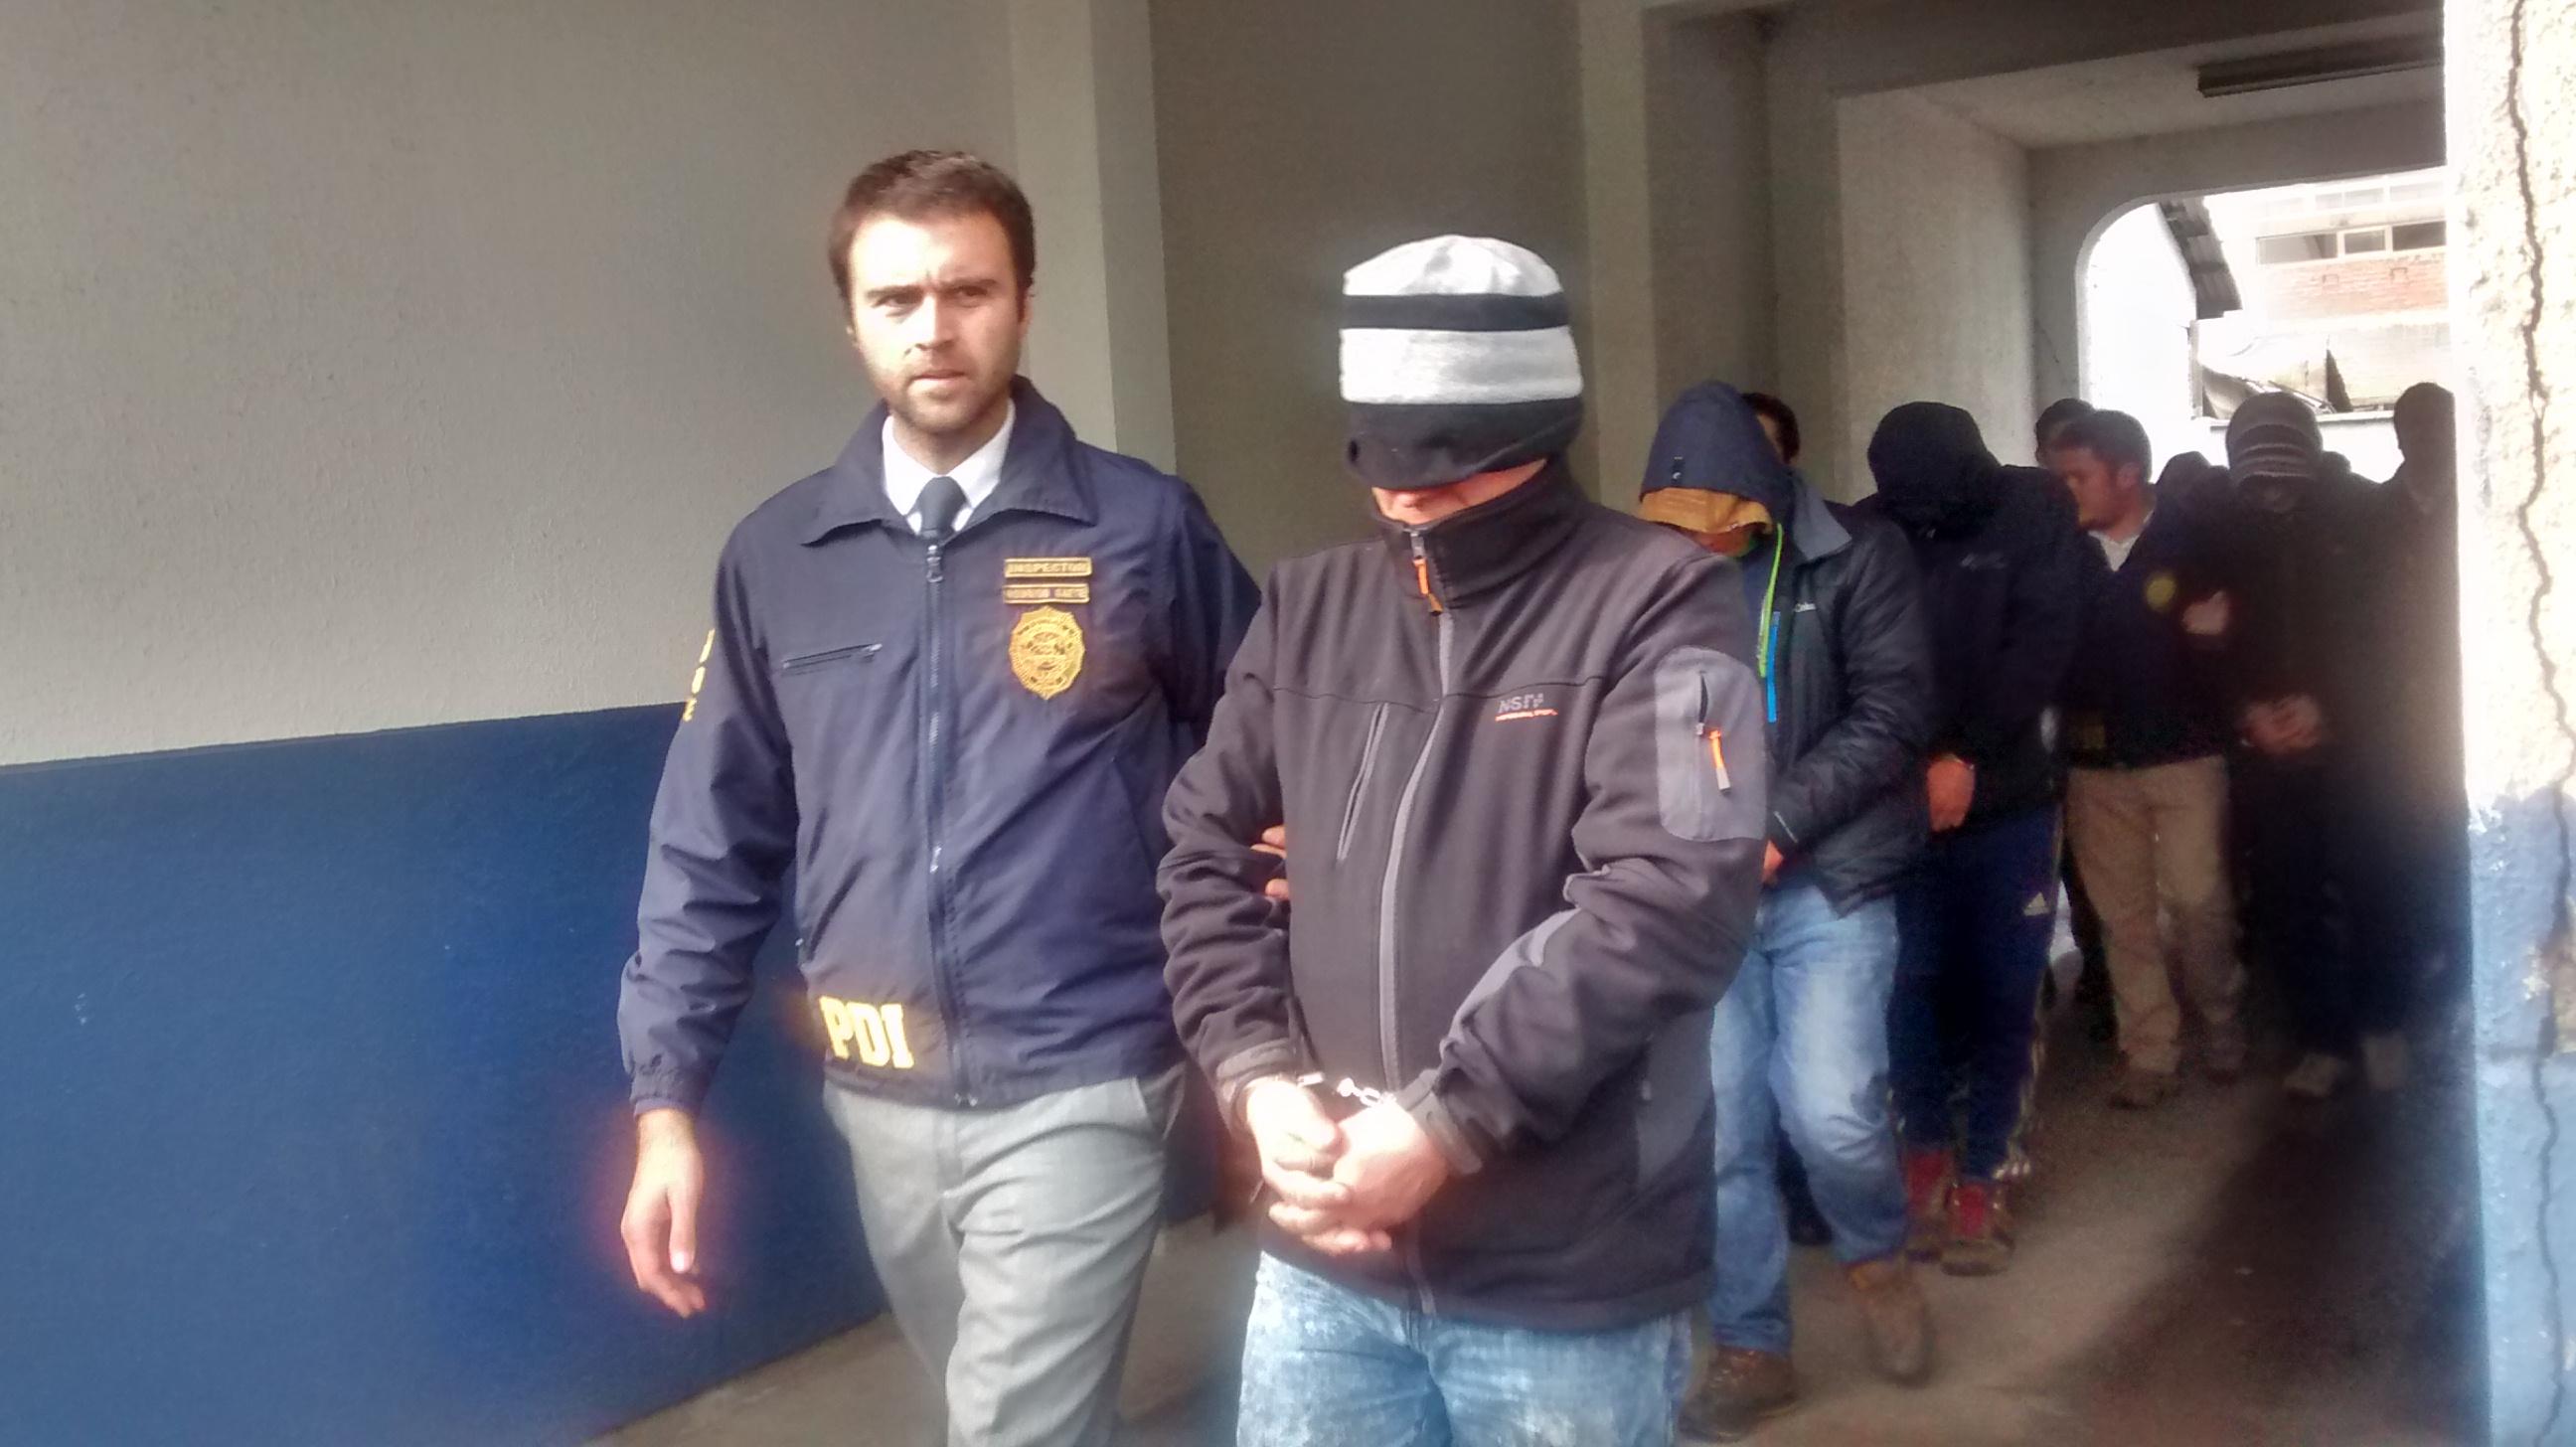 PDI desbarata tráfico de drogas en sector poblacional de Talca